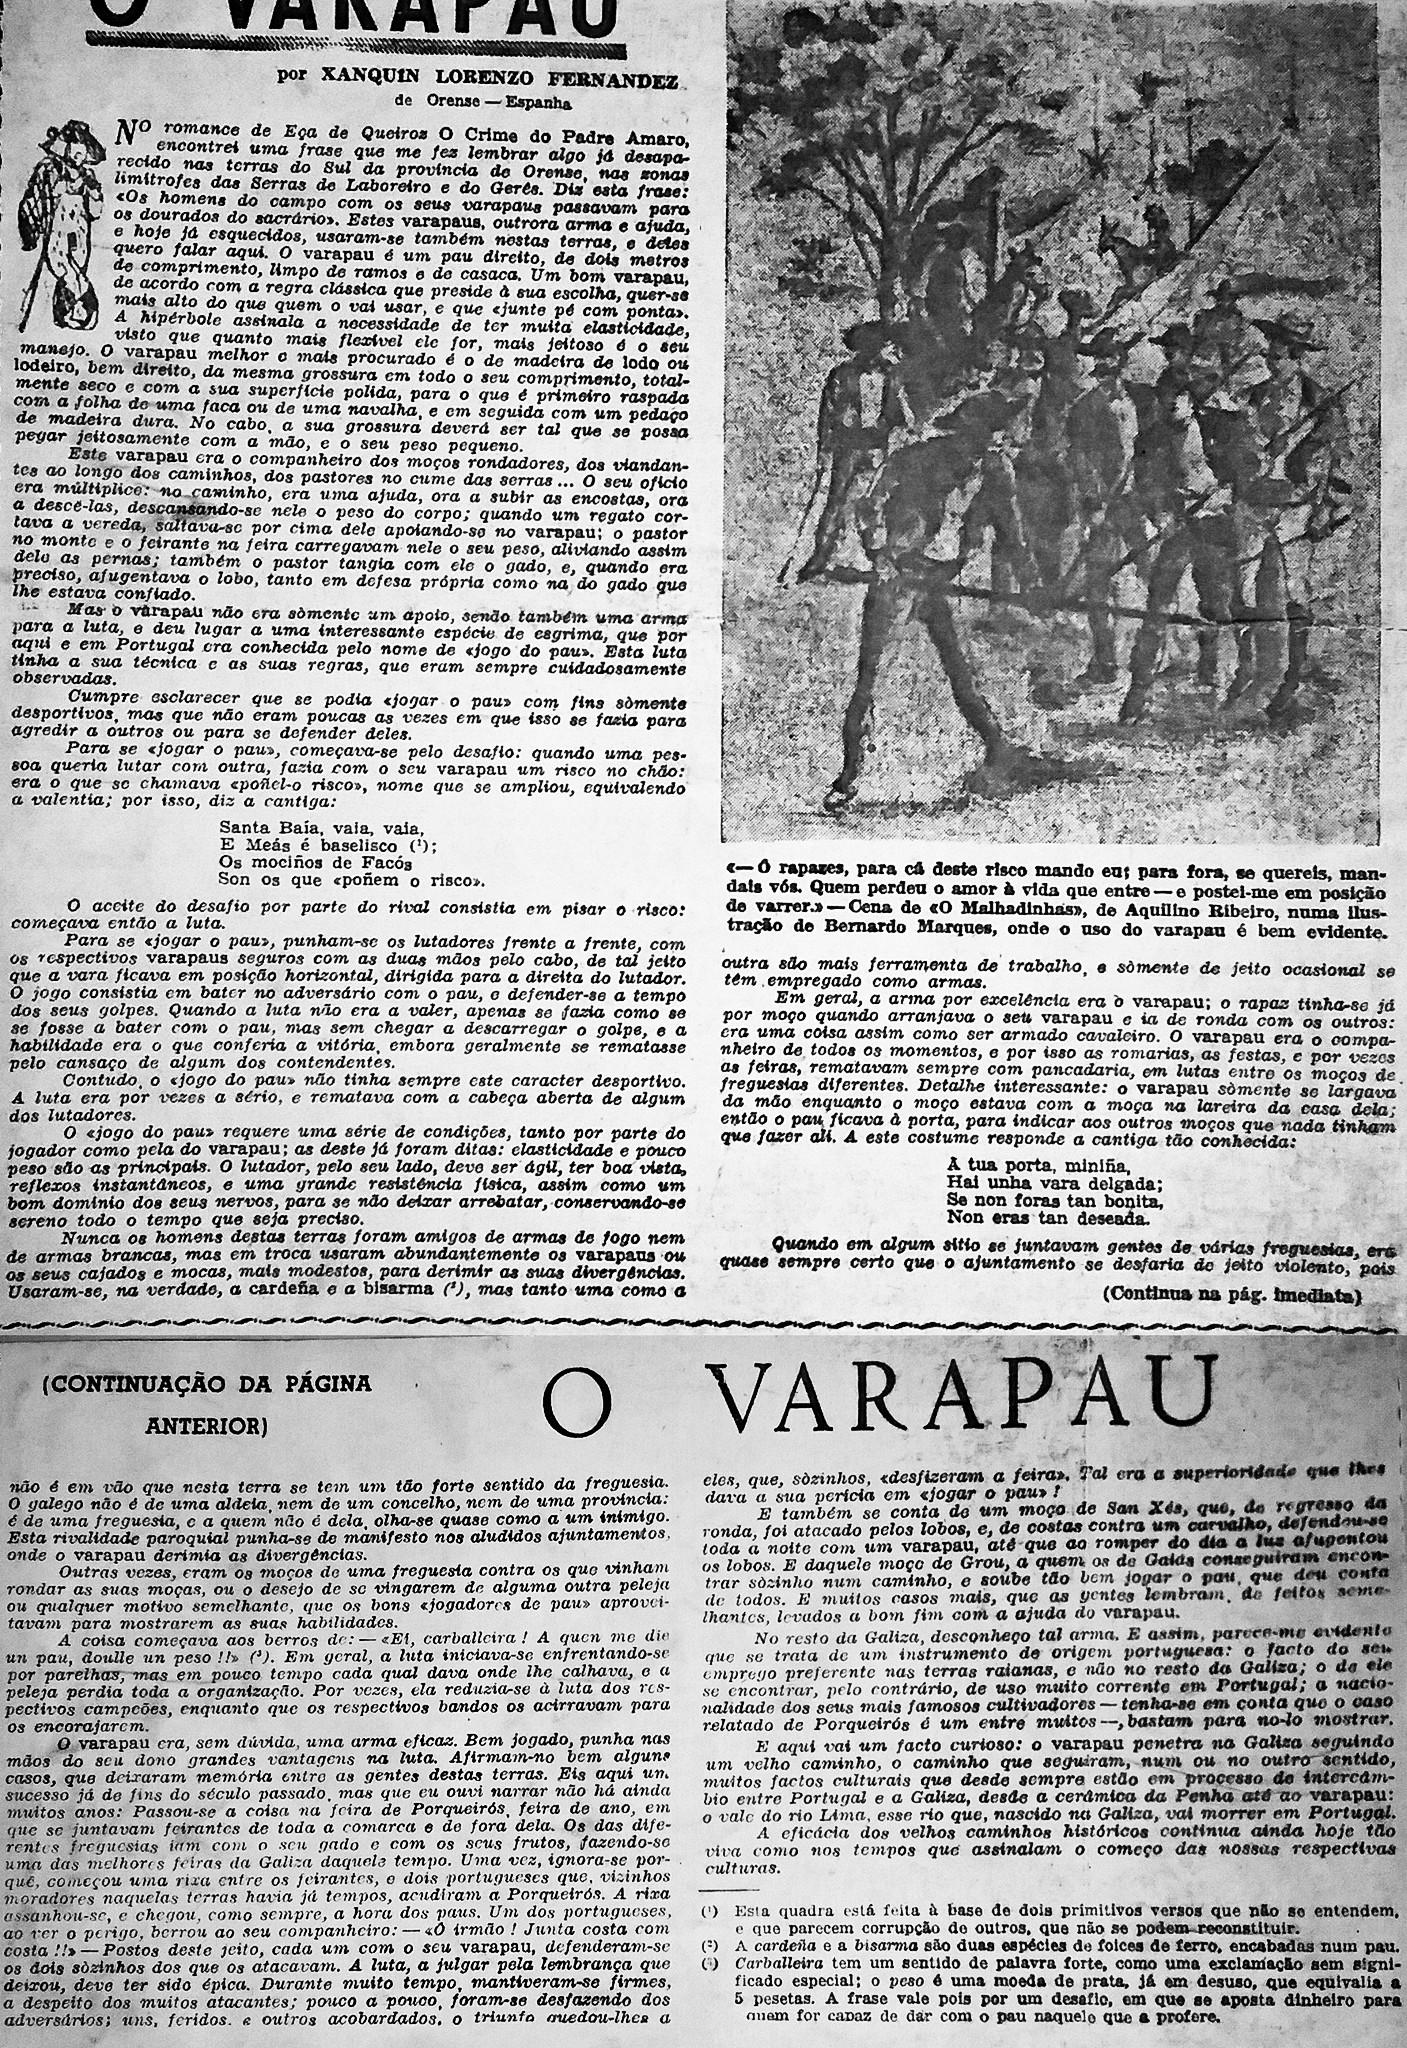 1959-3-10 O Comércio do Porto- O Varapau - Xanquim Lorenzo Fernandez.jpeg